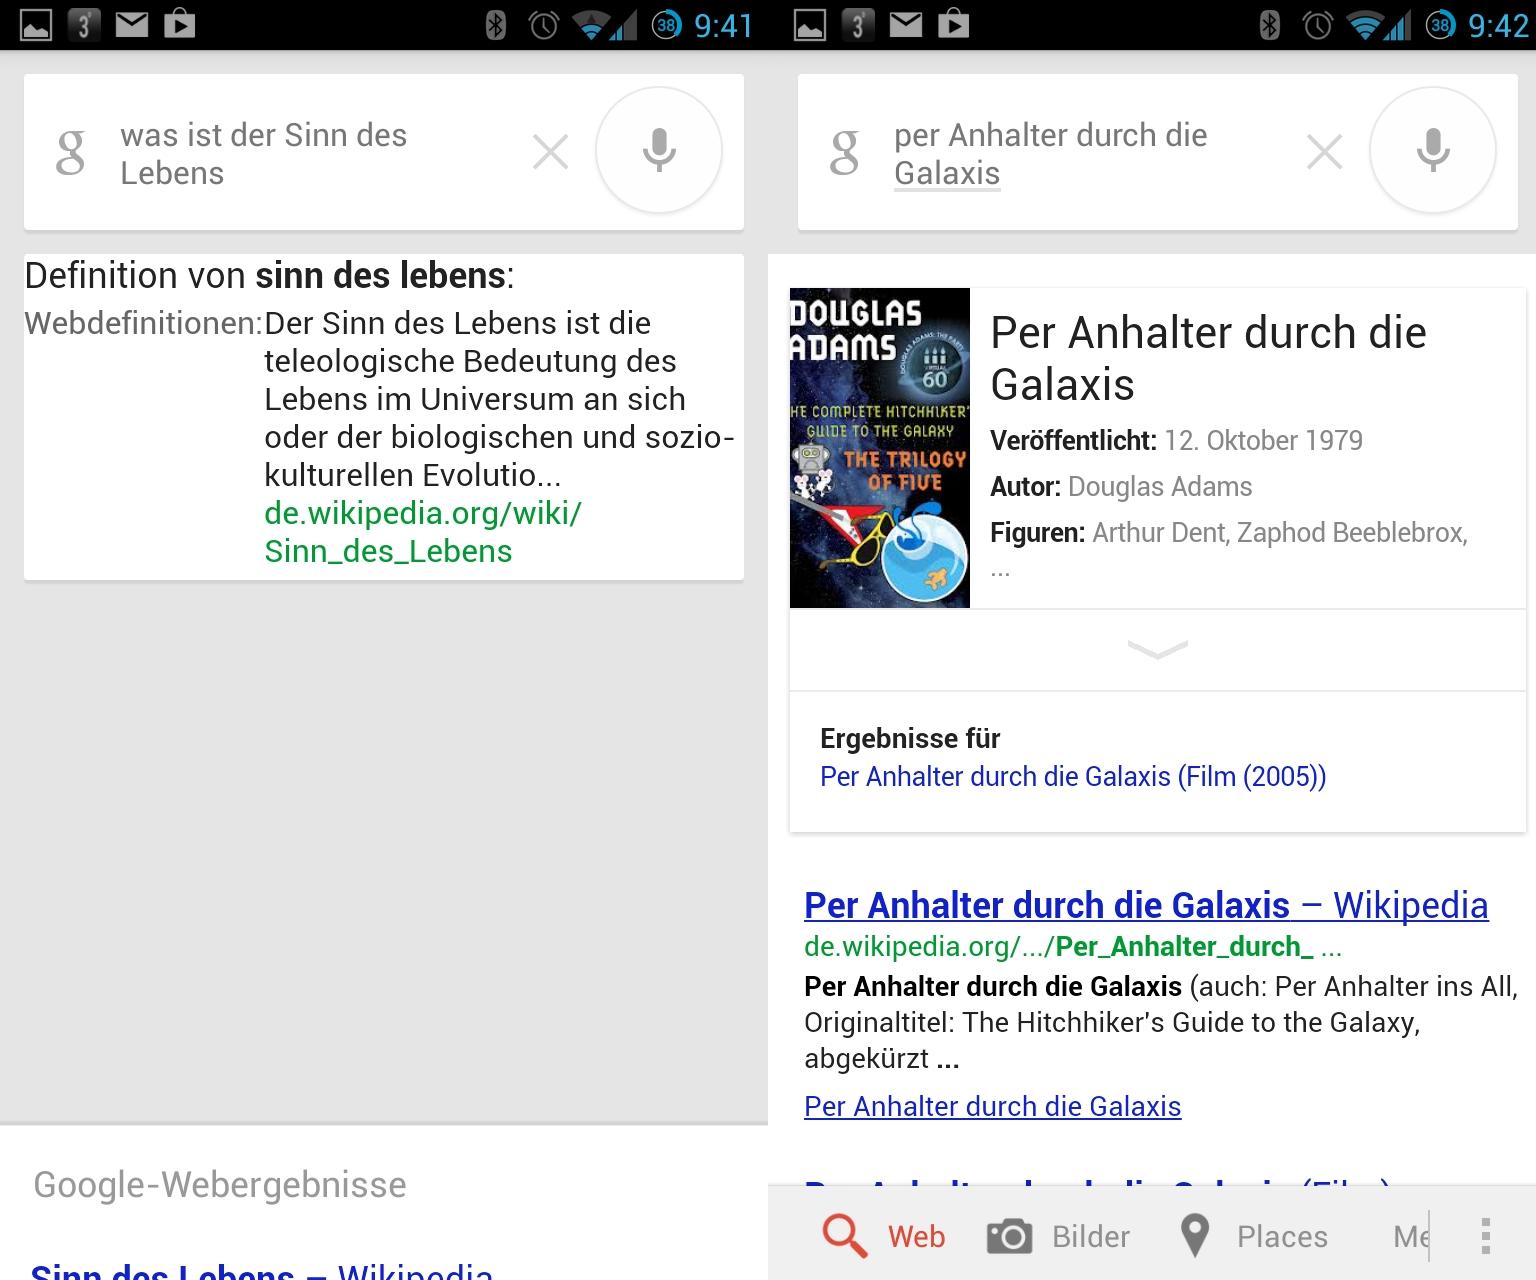 """Die Frage nach dem Sinn des Lebens beantwortet das deutsche Google Now mit einer Definition aus Wikipedia, während sich die englische Variante mit Erkenntnissen aus dem Buch \""""Per Anhalter durch die Galaxis\"""" diesbezüglich äußert."""